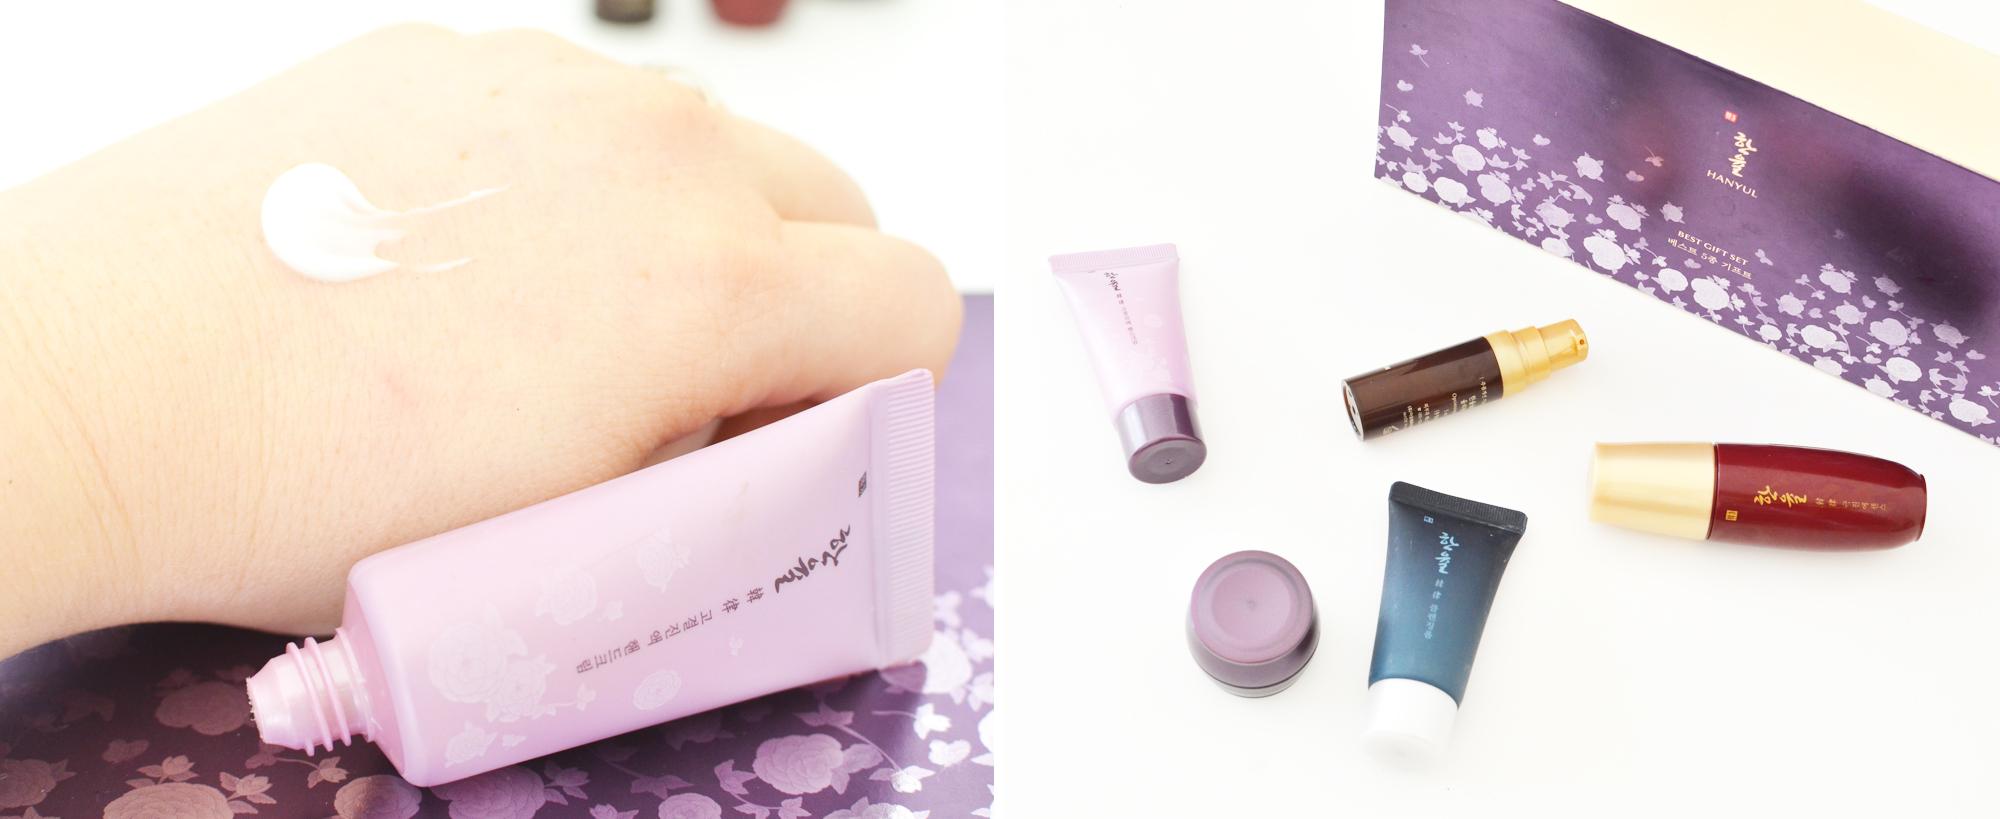 hanyul-rich-effect-hand-cream-coffret-best-gift